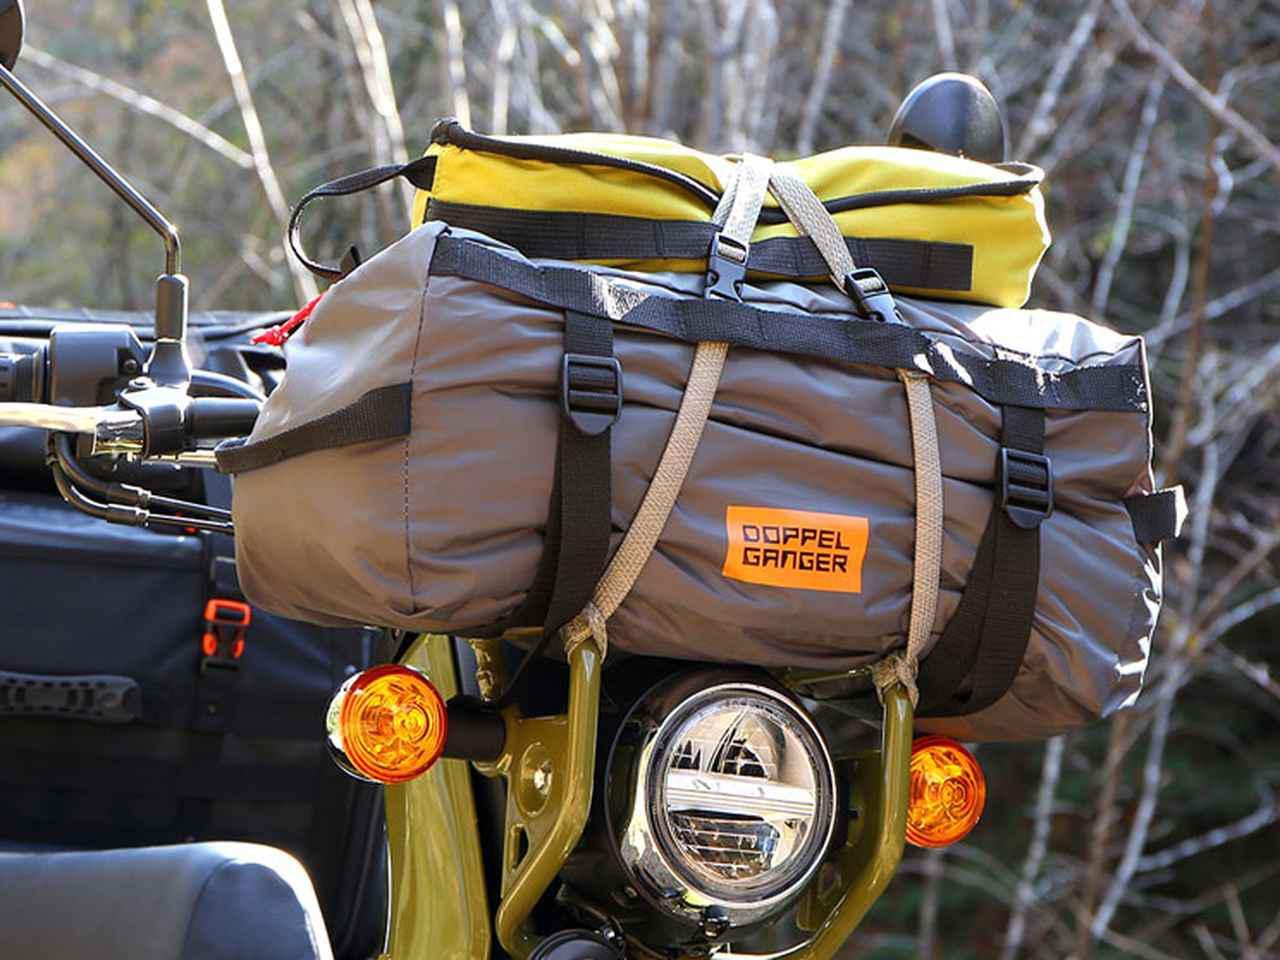 画像: 専用のキャリーバッグには随所に荷かけストラップが経由できるデイジーチェーンが設けられており、積載する際に固定しやすい設計がなされている。また、収納時サイズ幅が450mmとコンパクトに設計され、キャリアからのはみだしが最小限に抑えられるのもバイク乗りにとっては嬉しいポイントだ。